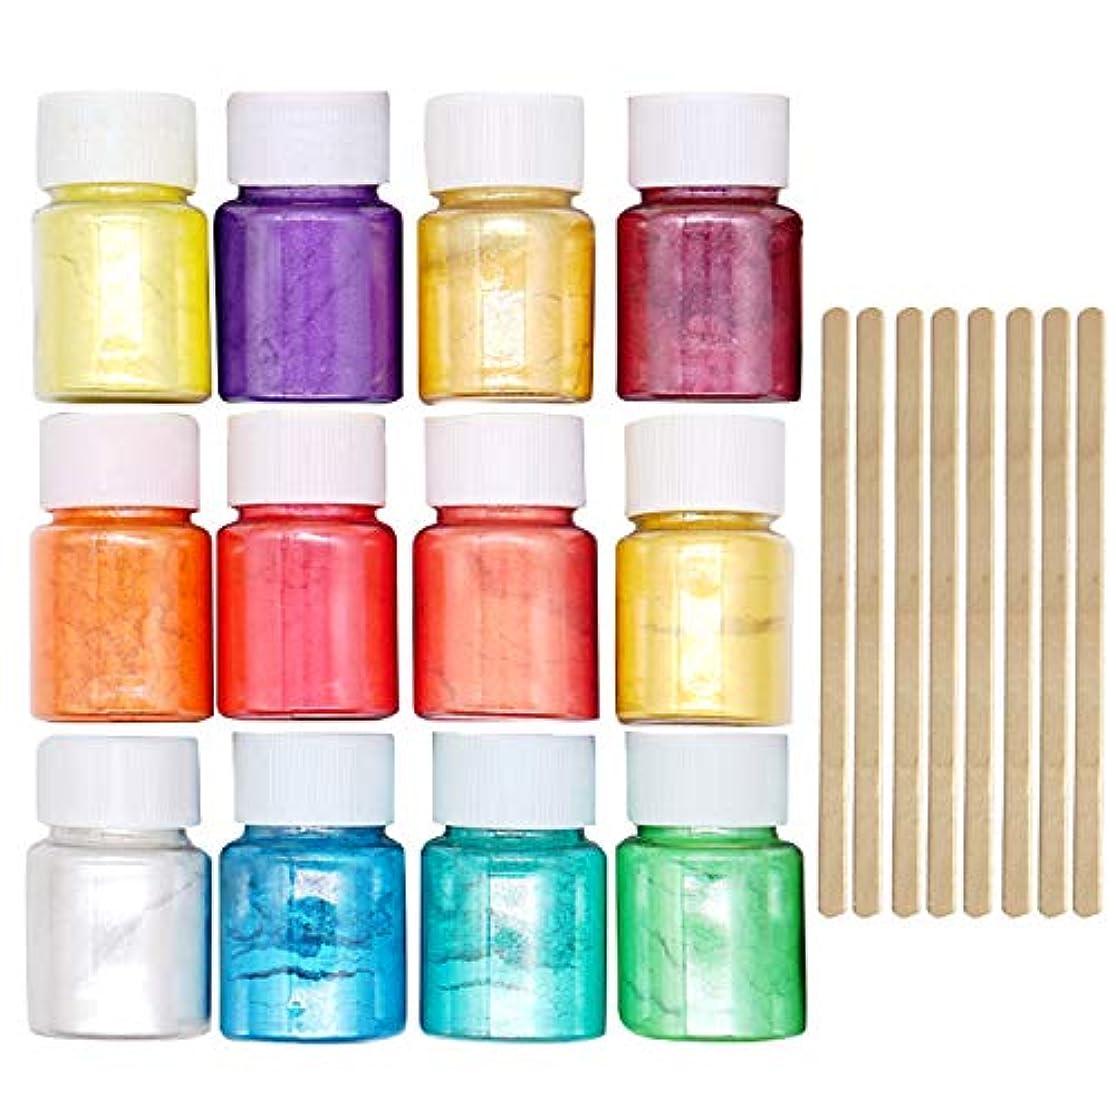 美容師夜間知覚的マイカパウダー Migavan マイカパールパウダー 12色着色剤顔料雲母真珠パウダーで8ピース木製攪拌棒diyネイルアートクラフトプロジェクトスライム作り用品